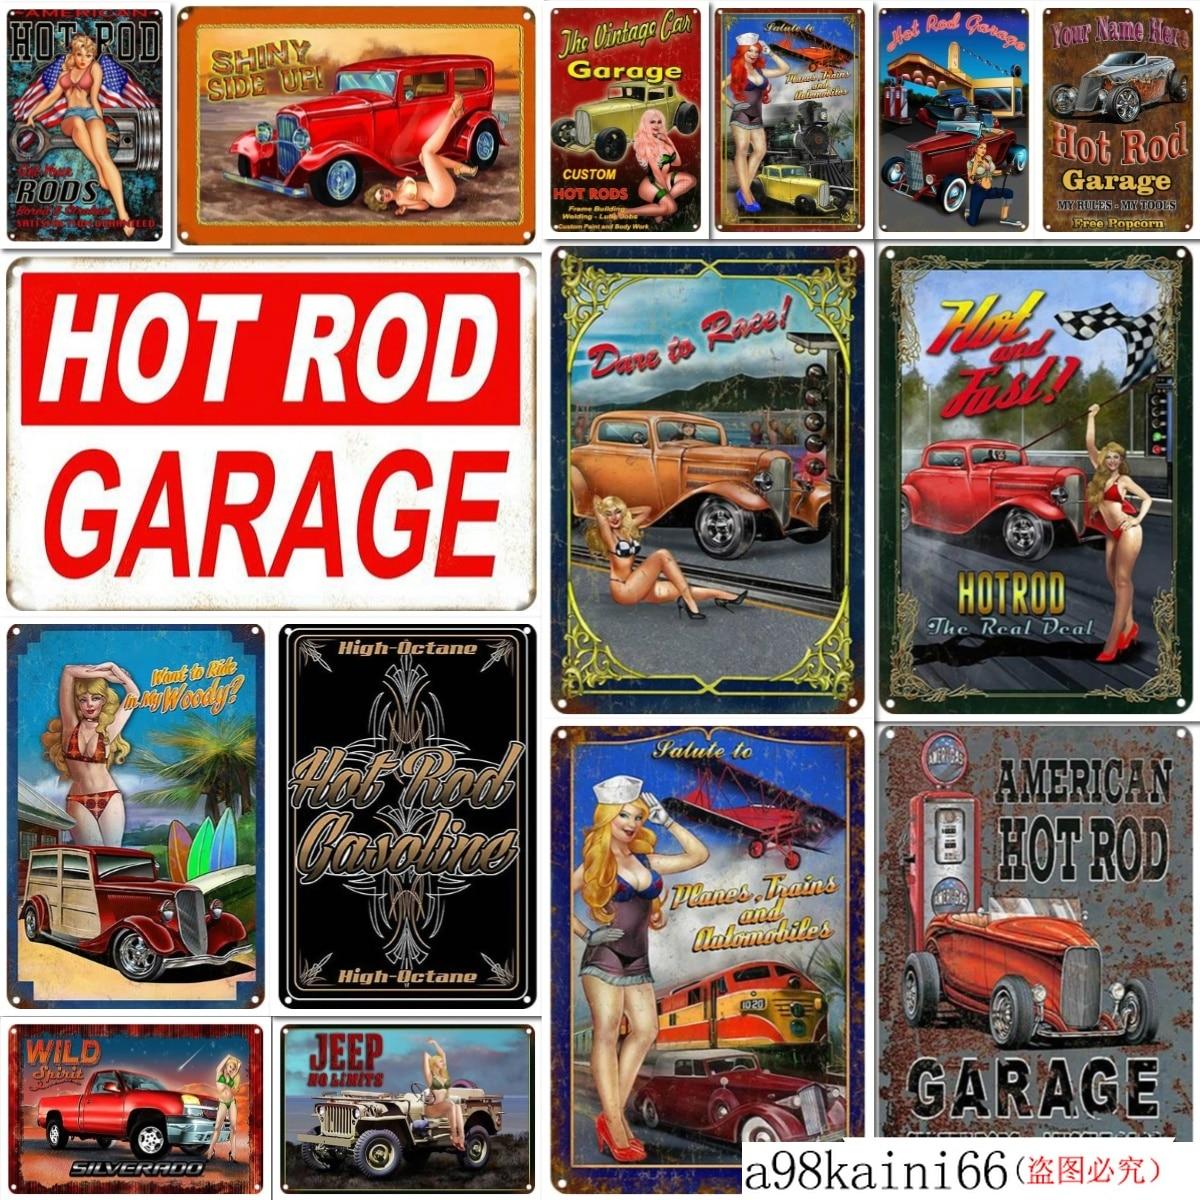 Metal Tin Sign hot rod garage Pub Bar Home Vintage Retro Poster Cafe ART